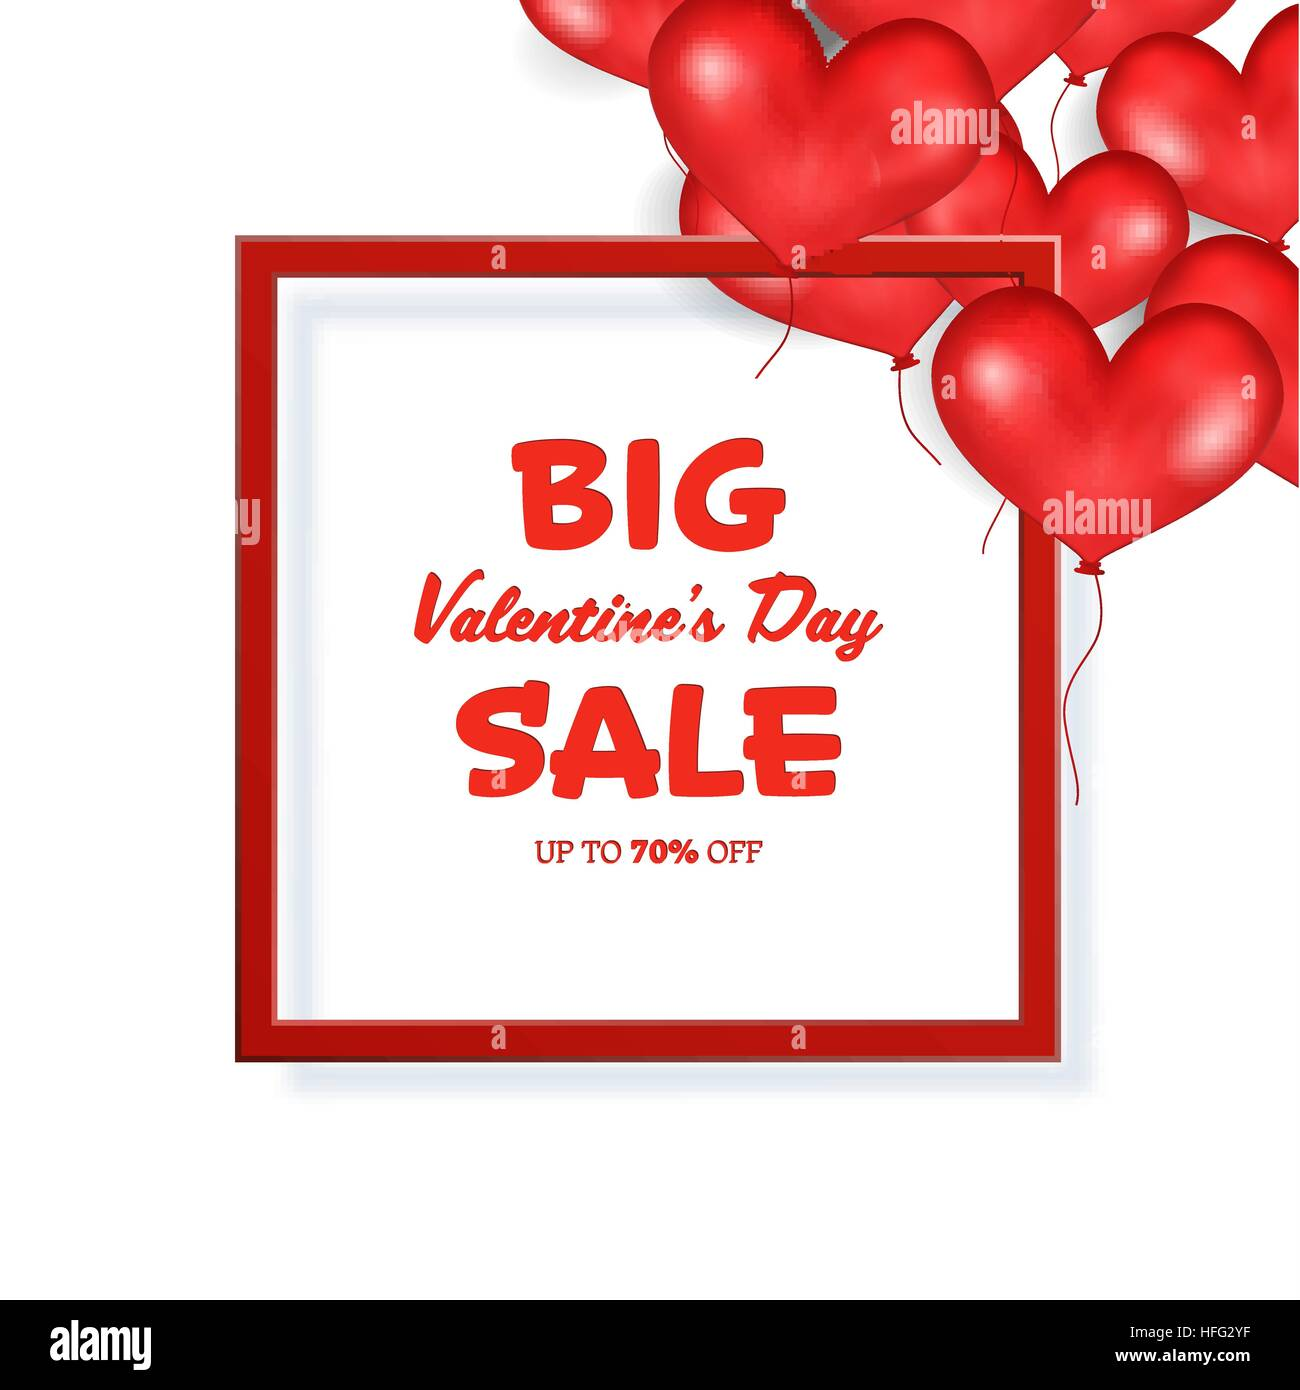 Großen Valentine s Day Sale Banner Vorlage. Roter Rahmen. Platz für ...